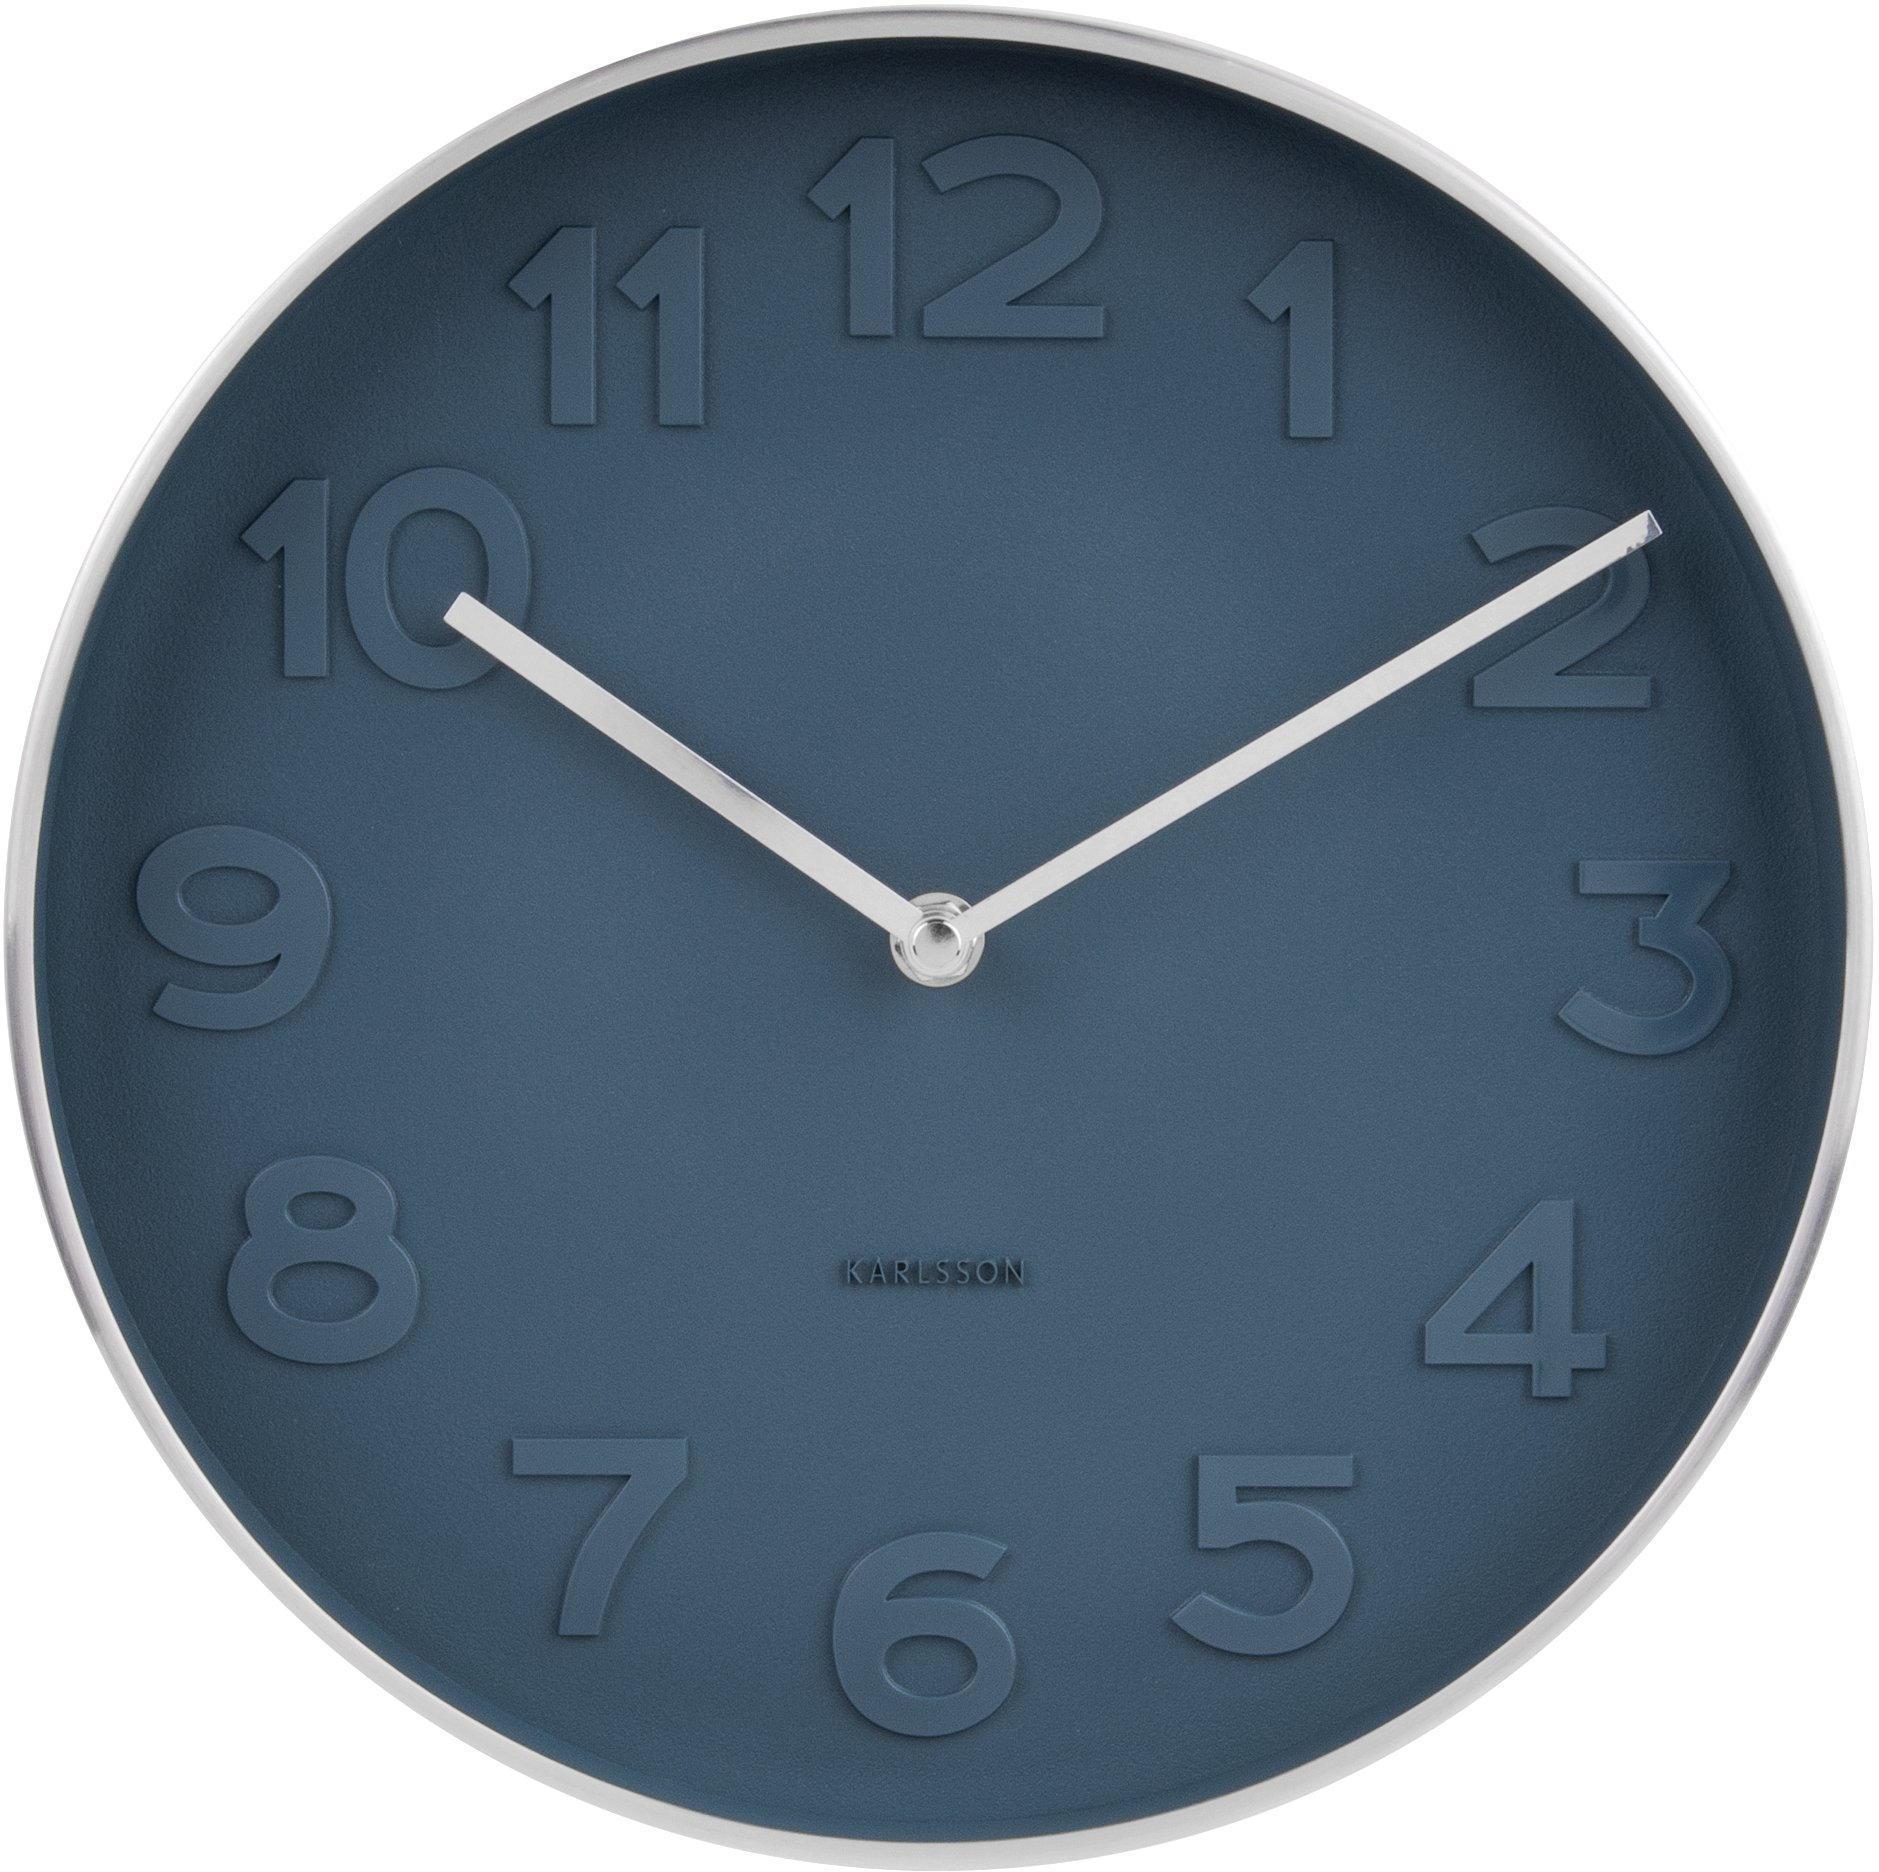 Karlsson Nástěnné hodiny Mr. Blue Silver, modrá barva, stříbrná barva, sklo, kov